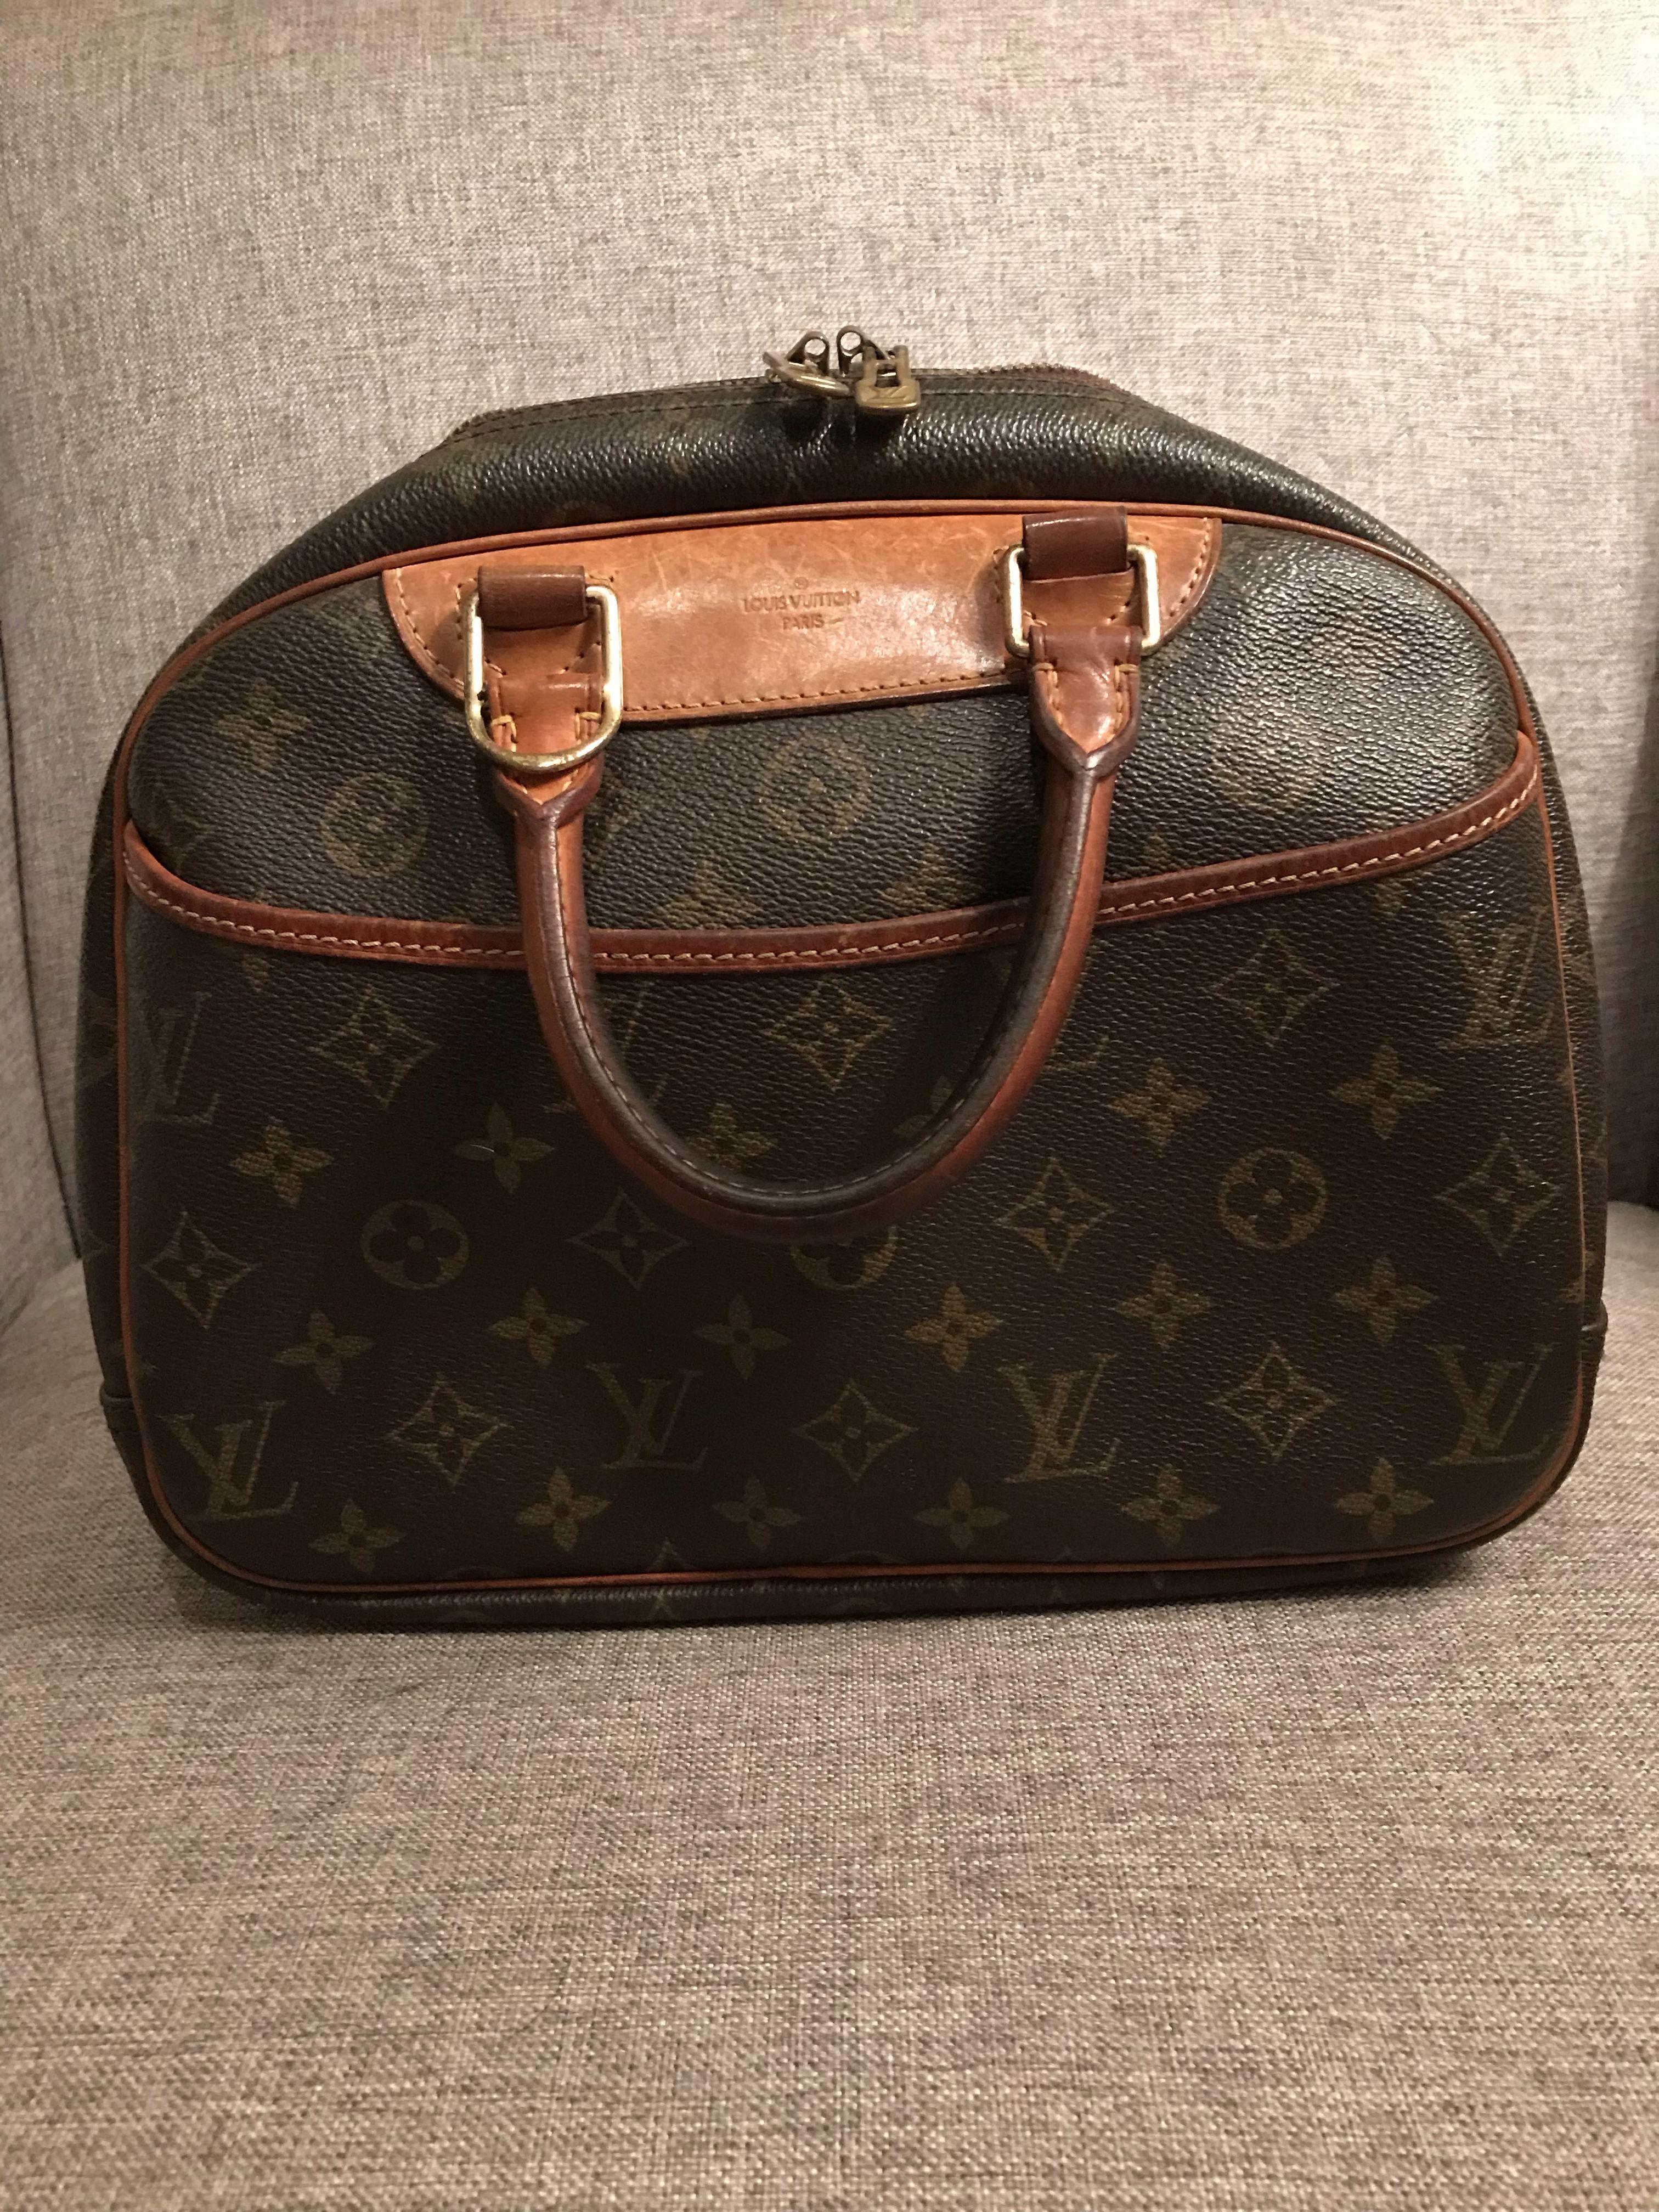 8c14b8917576 Vintage LOUIS VUITTON Trouville handbag